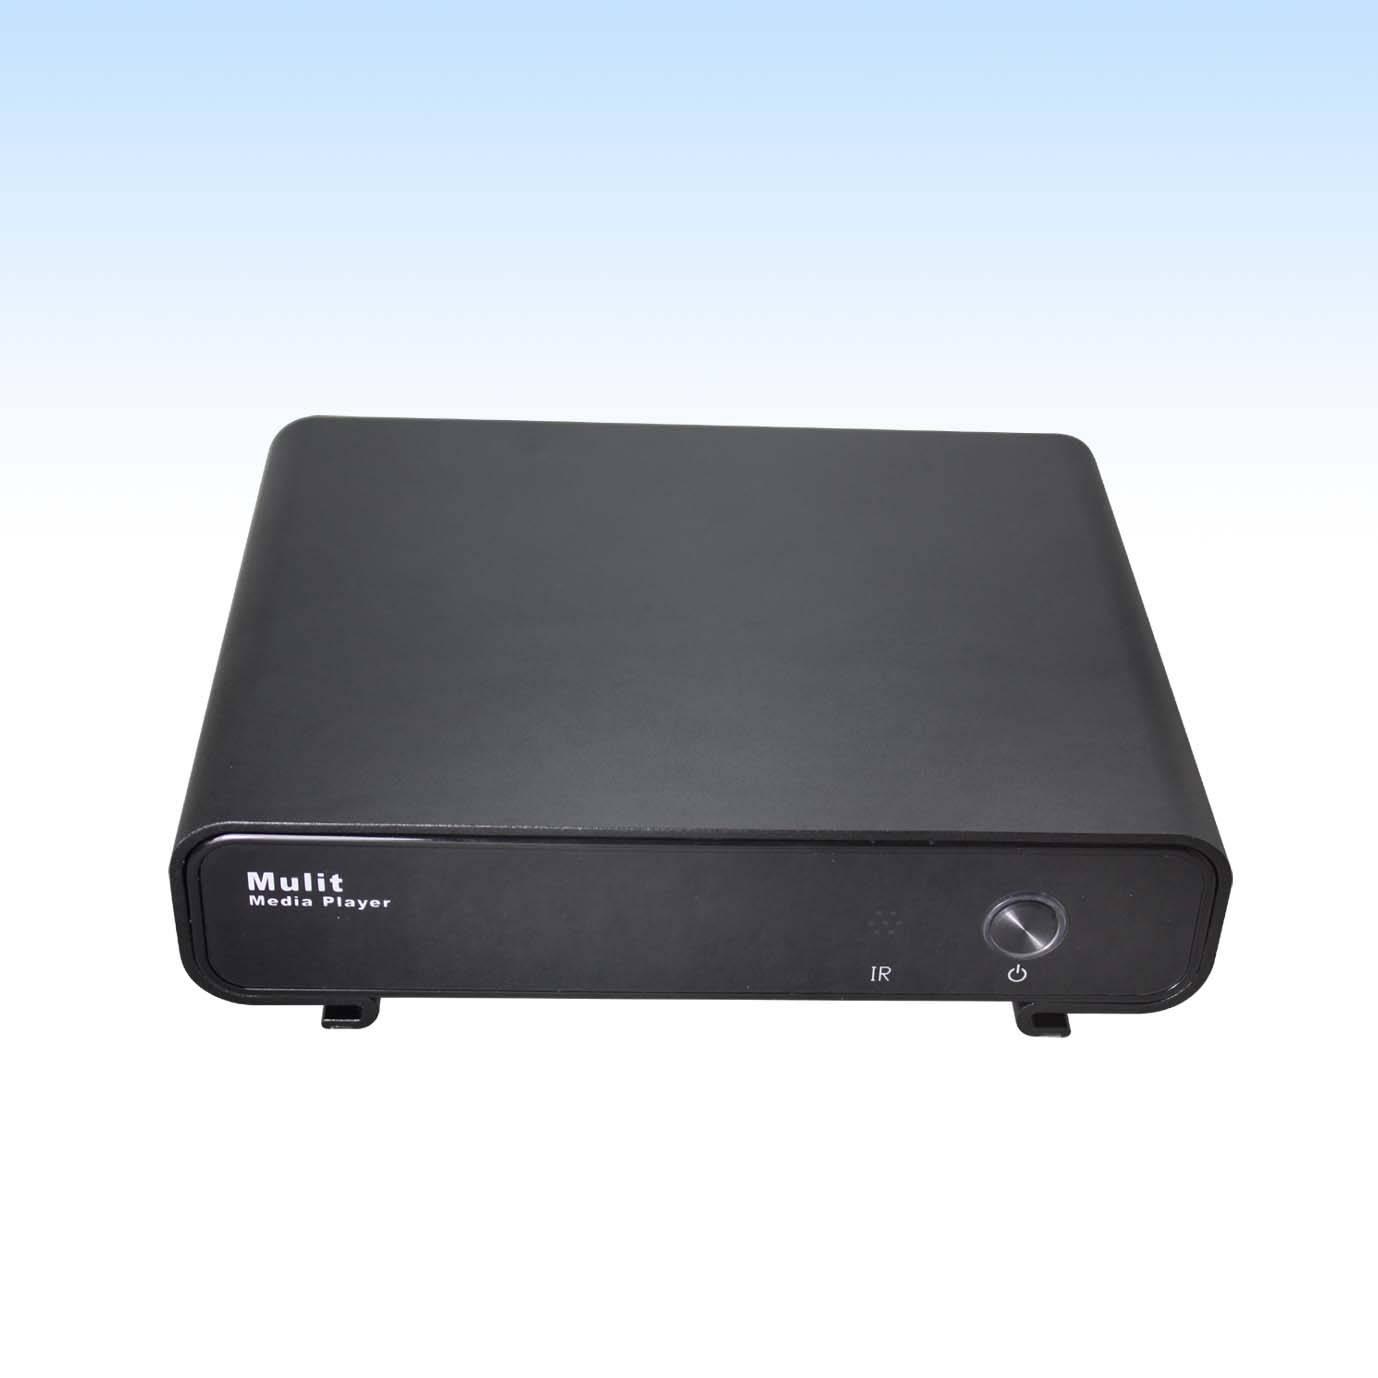 HD media player MP010-F10